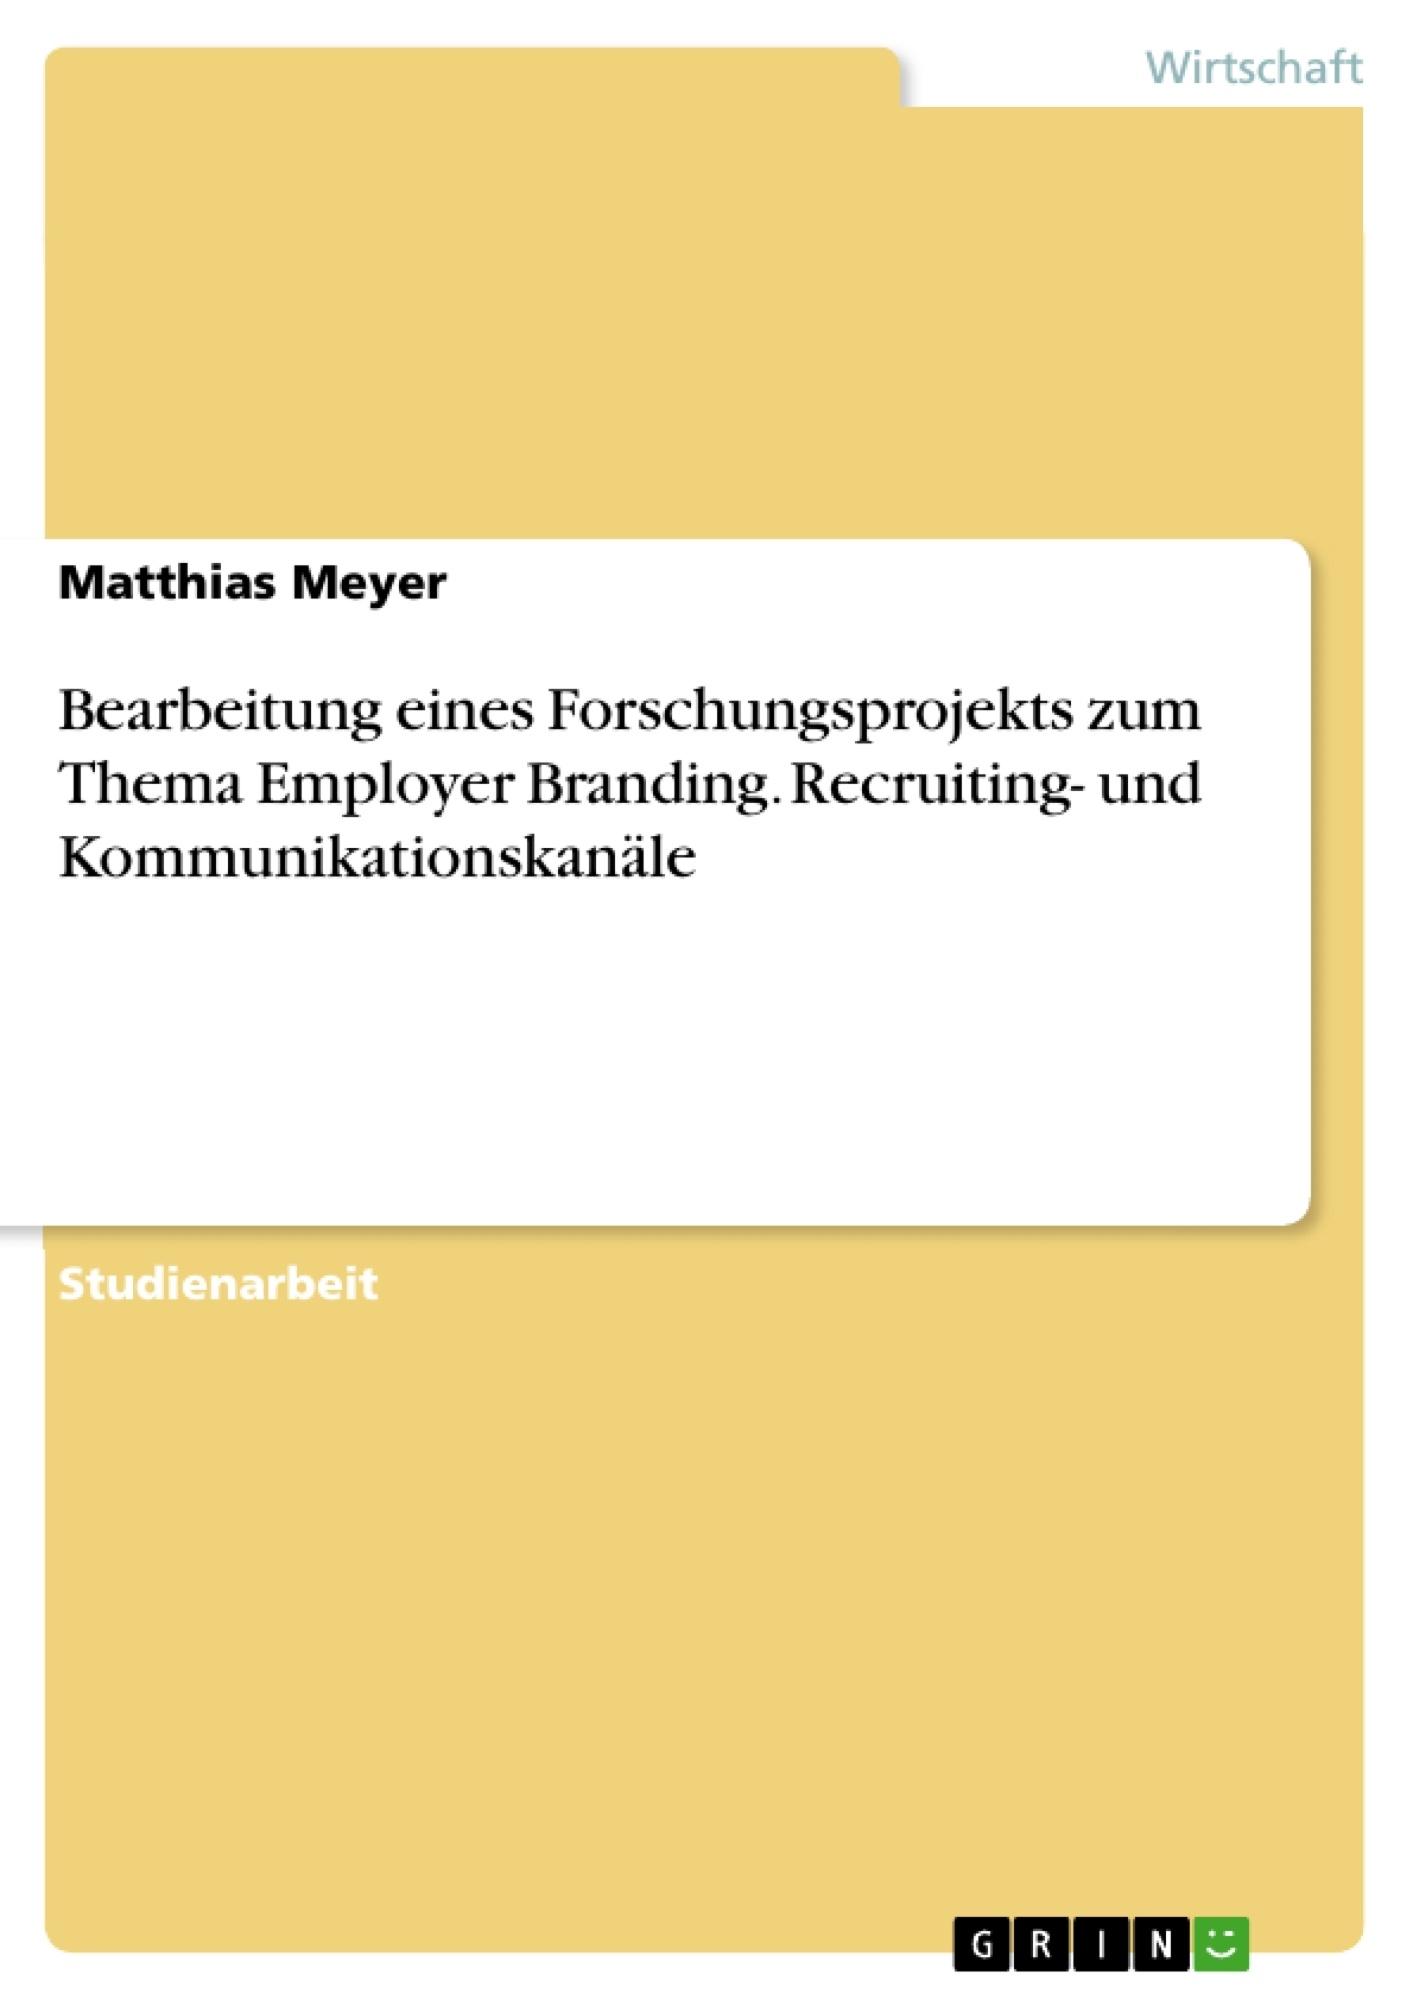 Titel: Bearbeitung eines Forschungsprojekts zum Thema Employer Branding. Recruiting- und Kommunikationskanäle